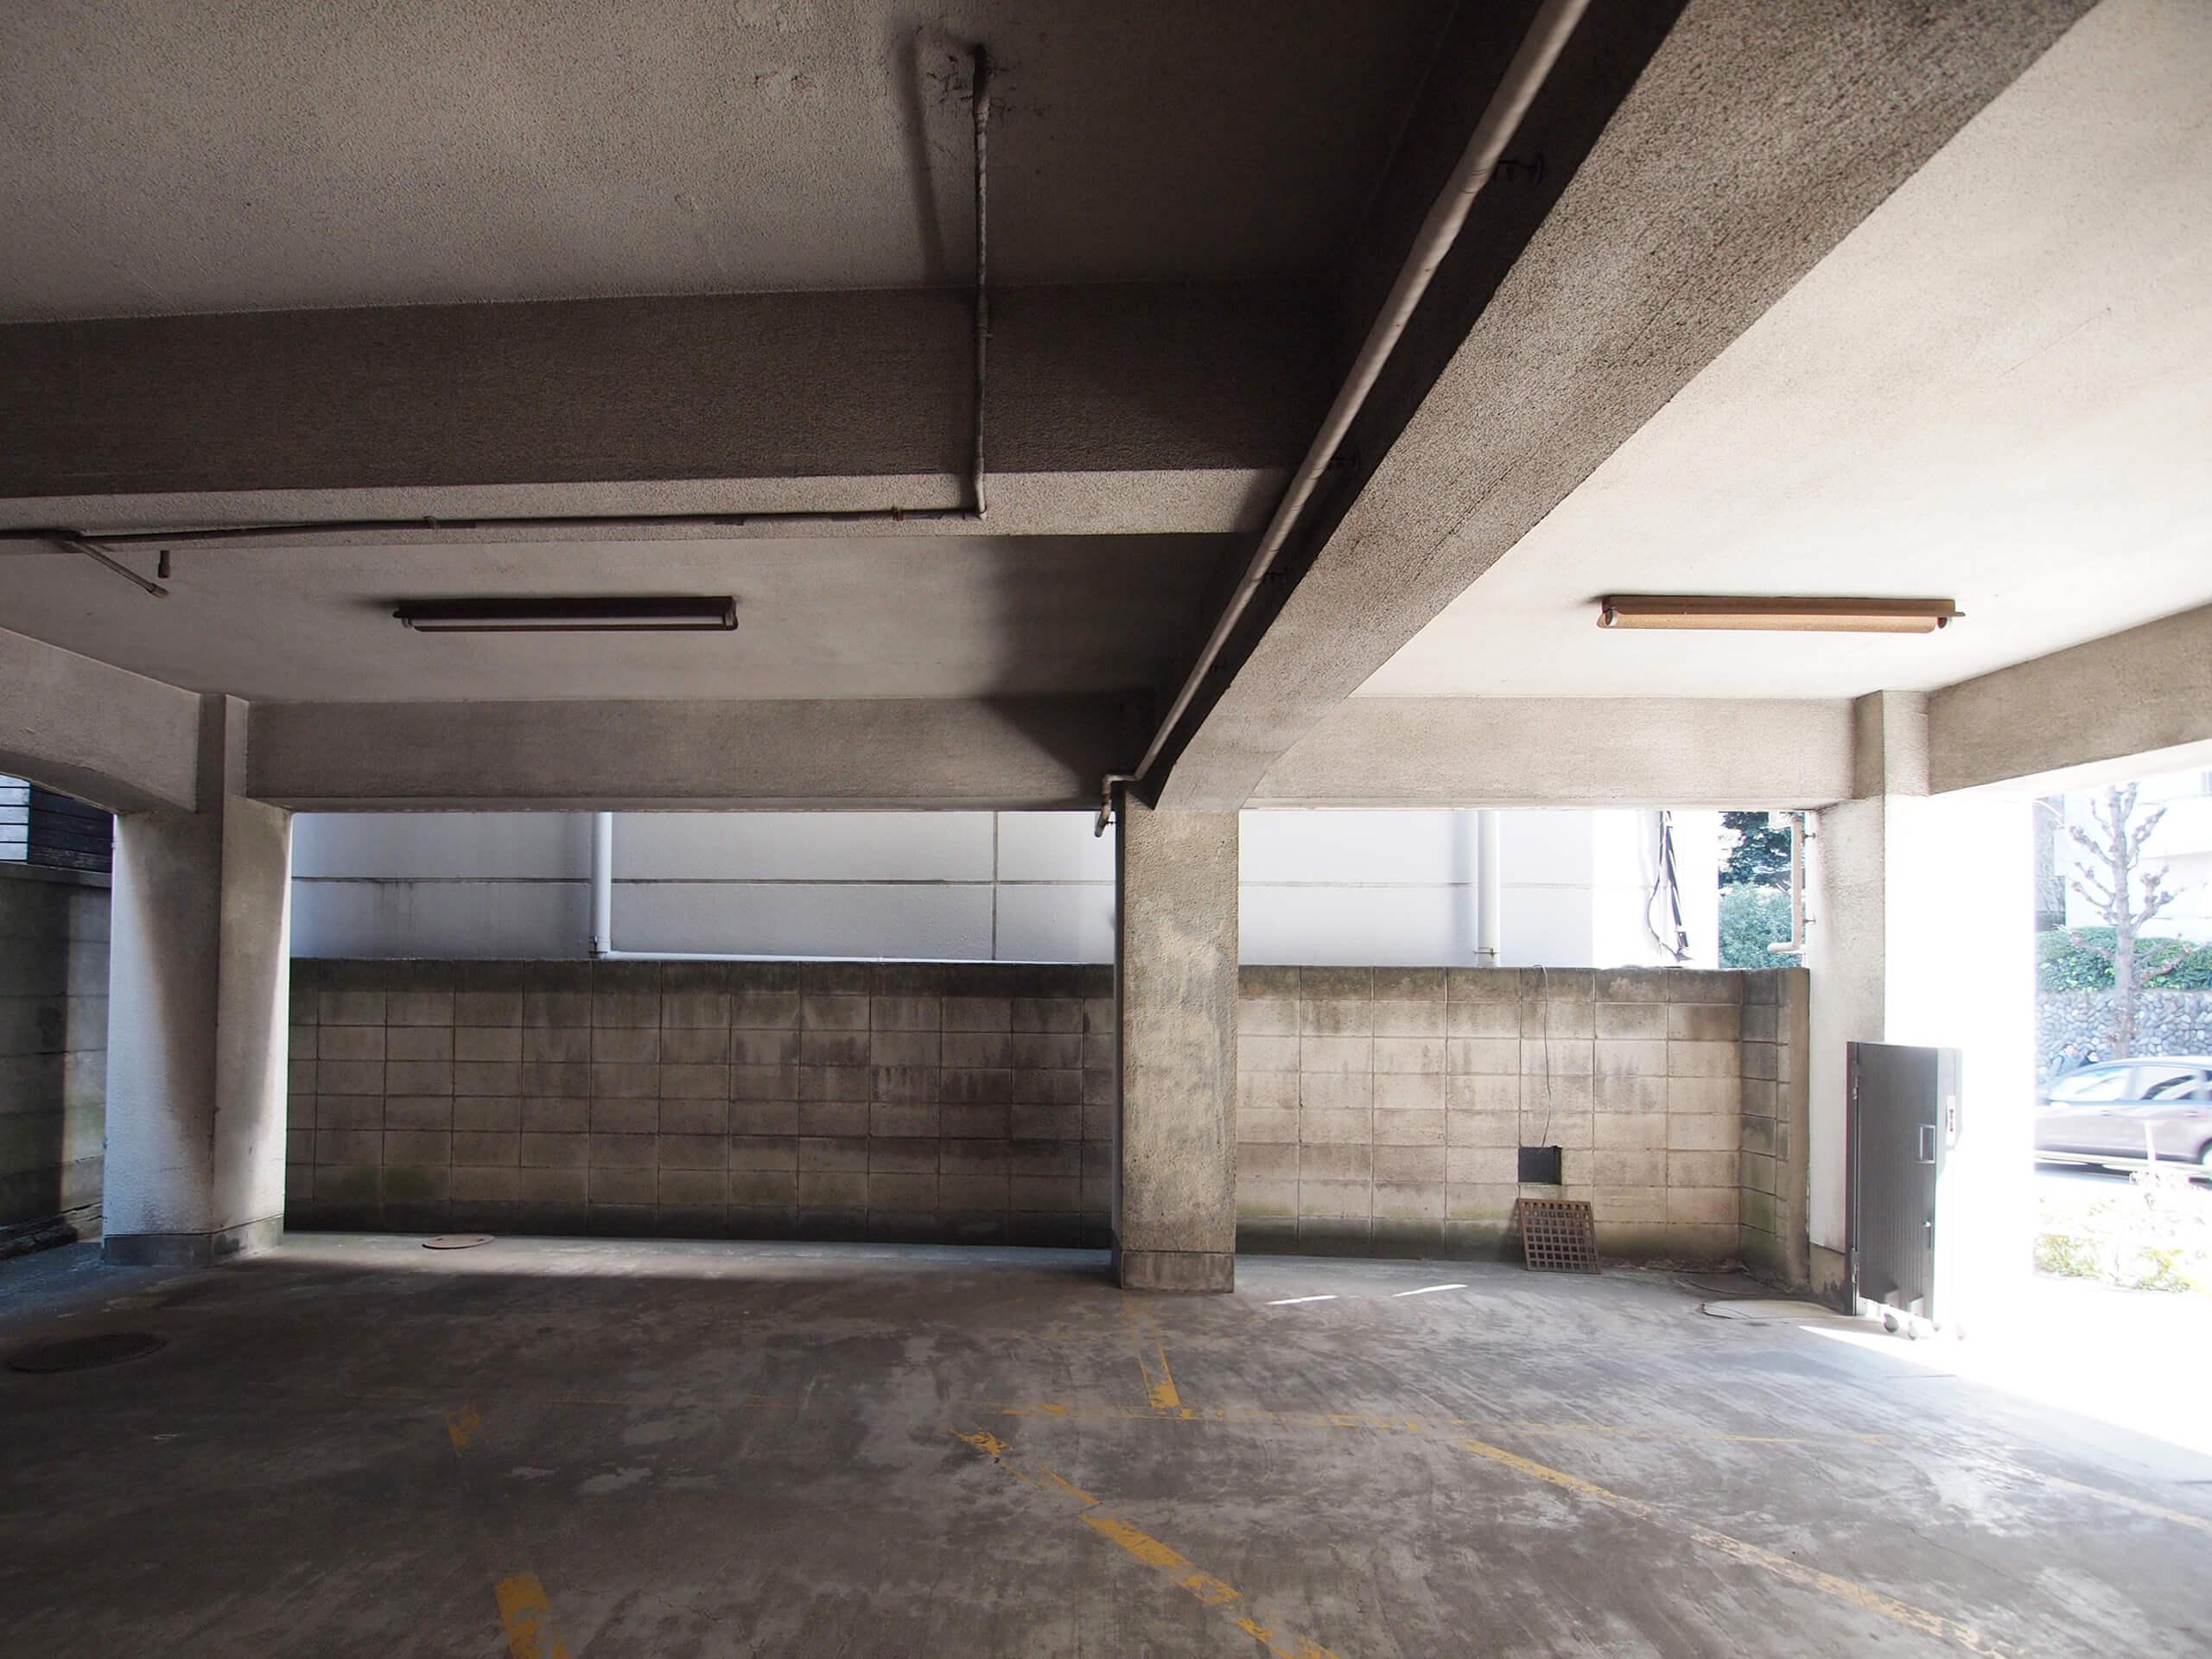 【1階】天井高は約2.8m、梁下で約2.4m